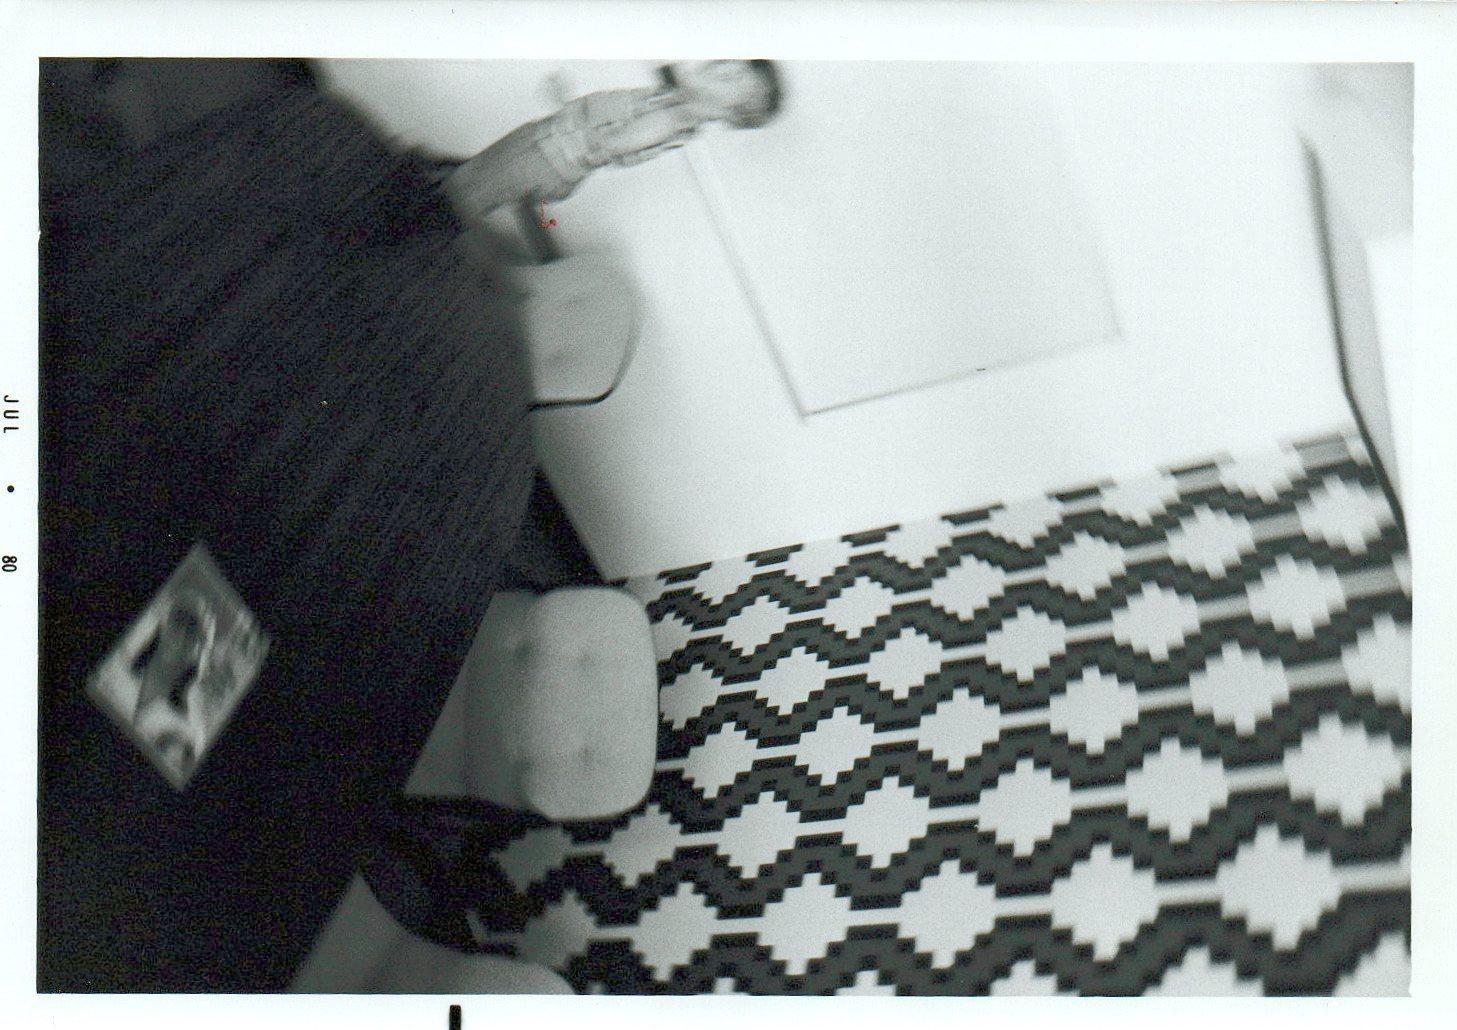 Matts_Photos_0037_a.jpg